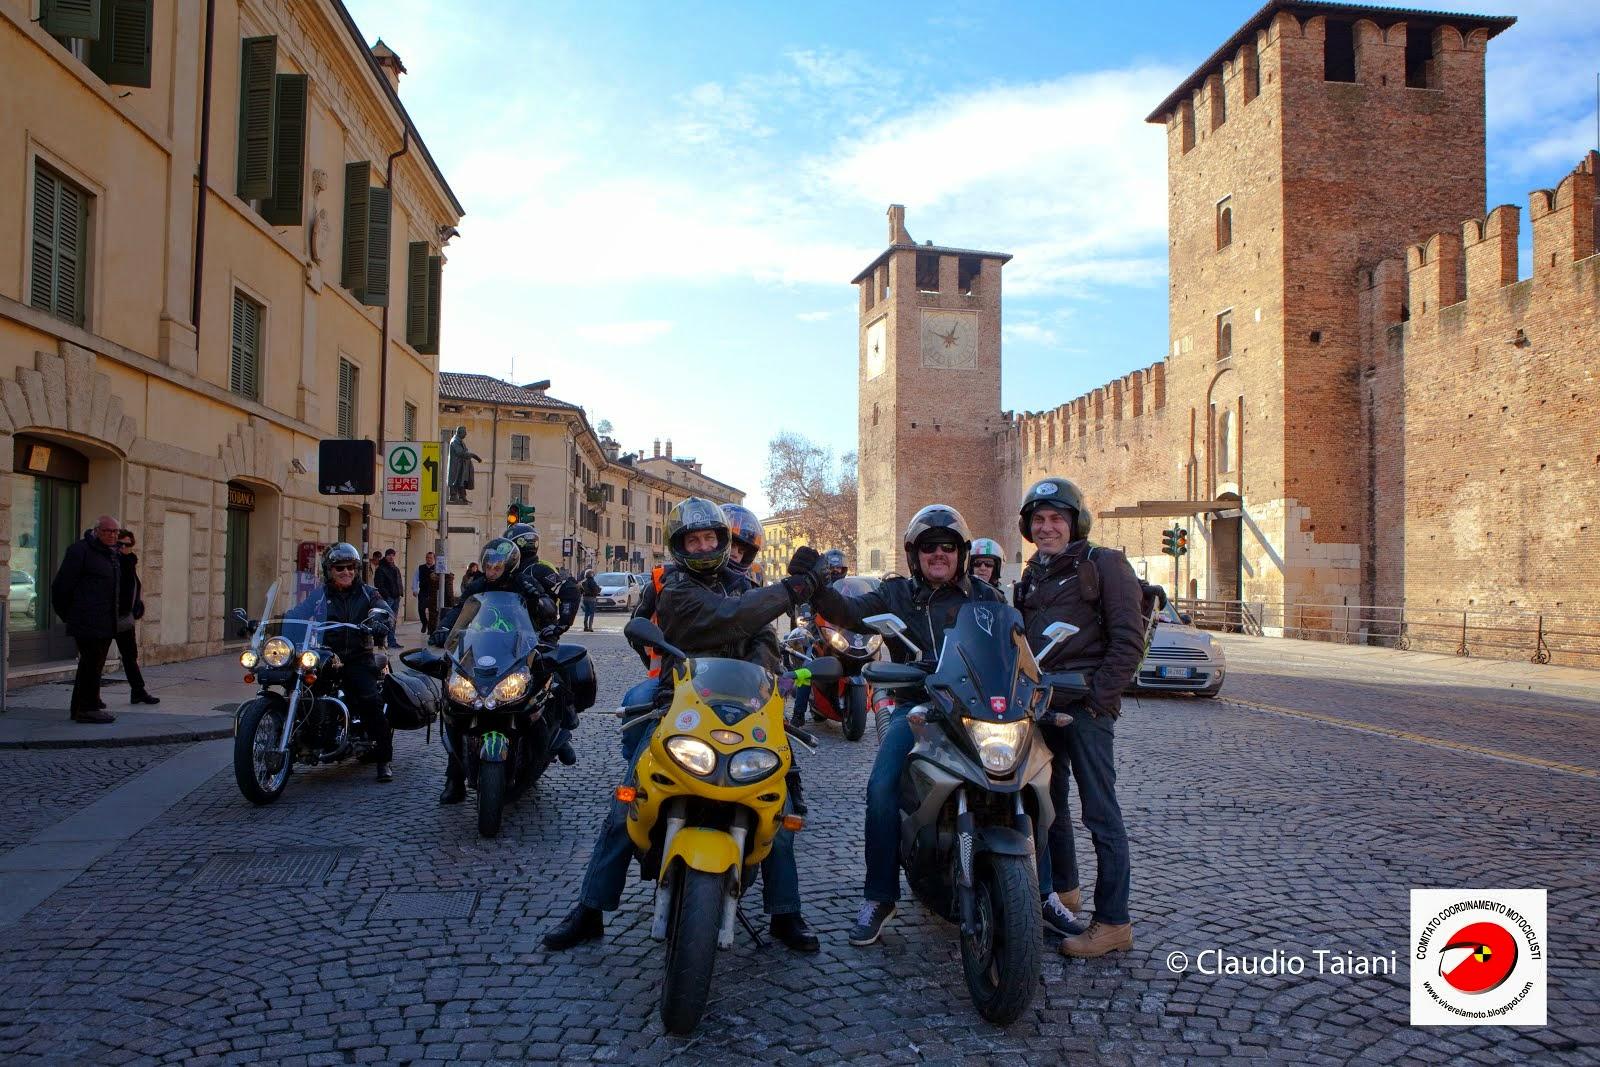 Un'immagine simbolica......di come intendiamo il Motociclismo noi.